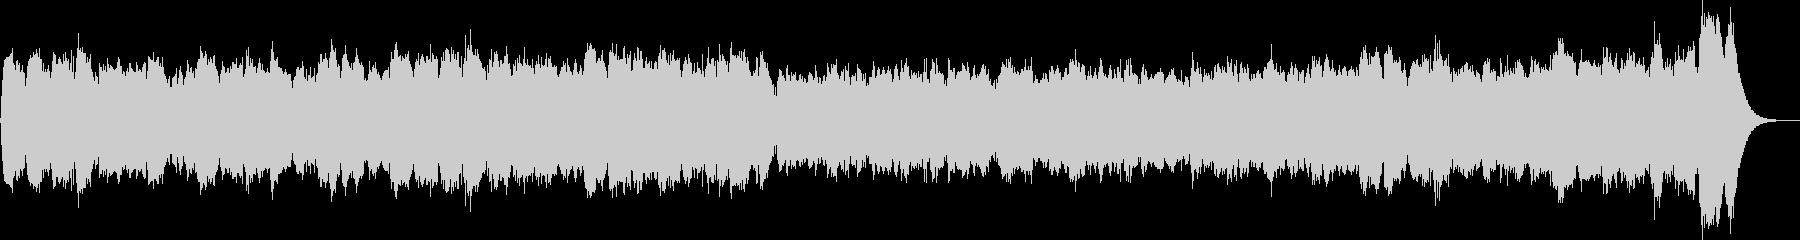 パイプオルガンのバッハのような教会用の曲の未再生の波形